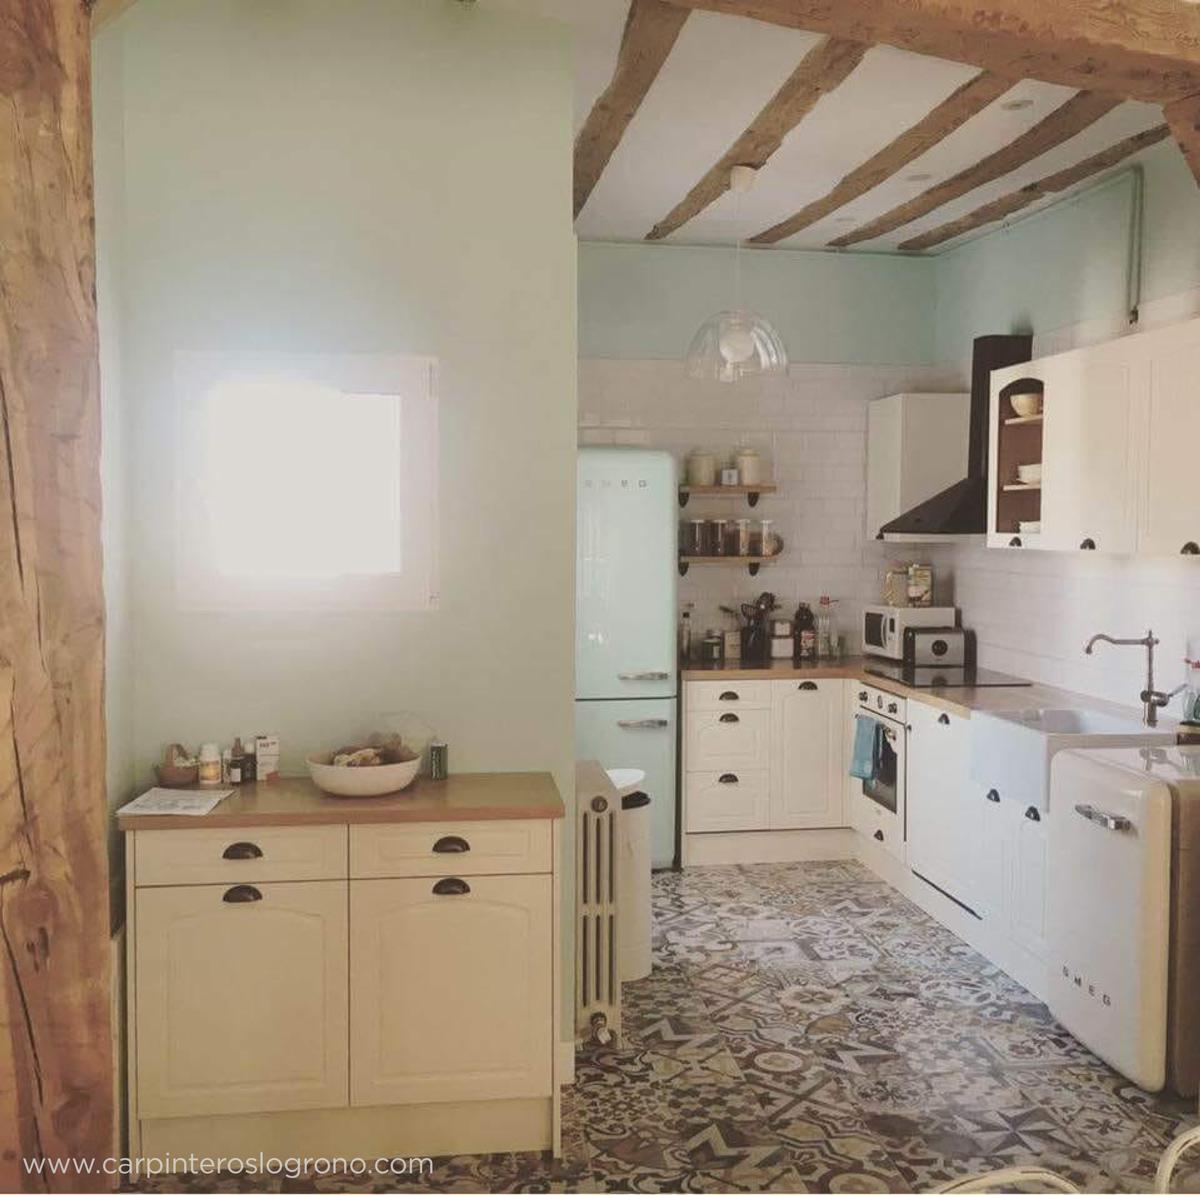 Cocina estilo retro con electrodomésticos tipo años 50 en Logroño